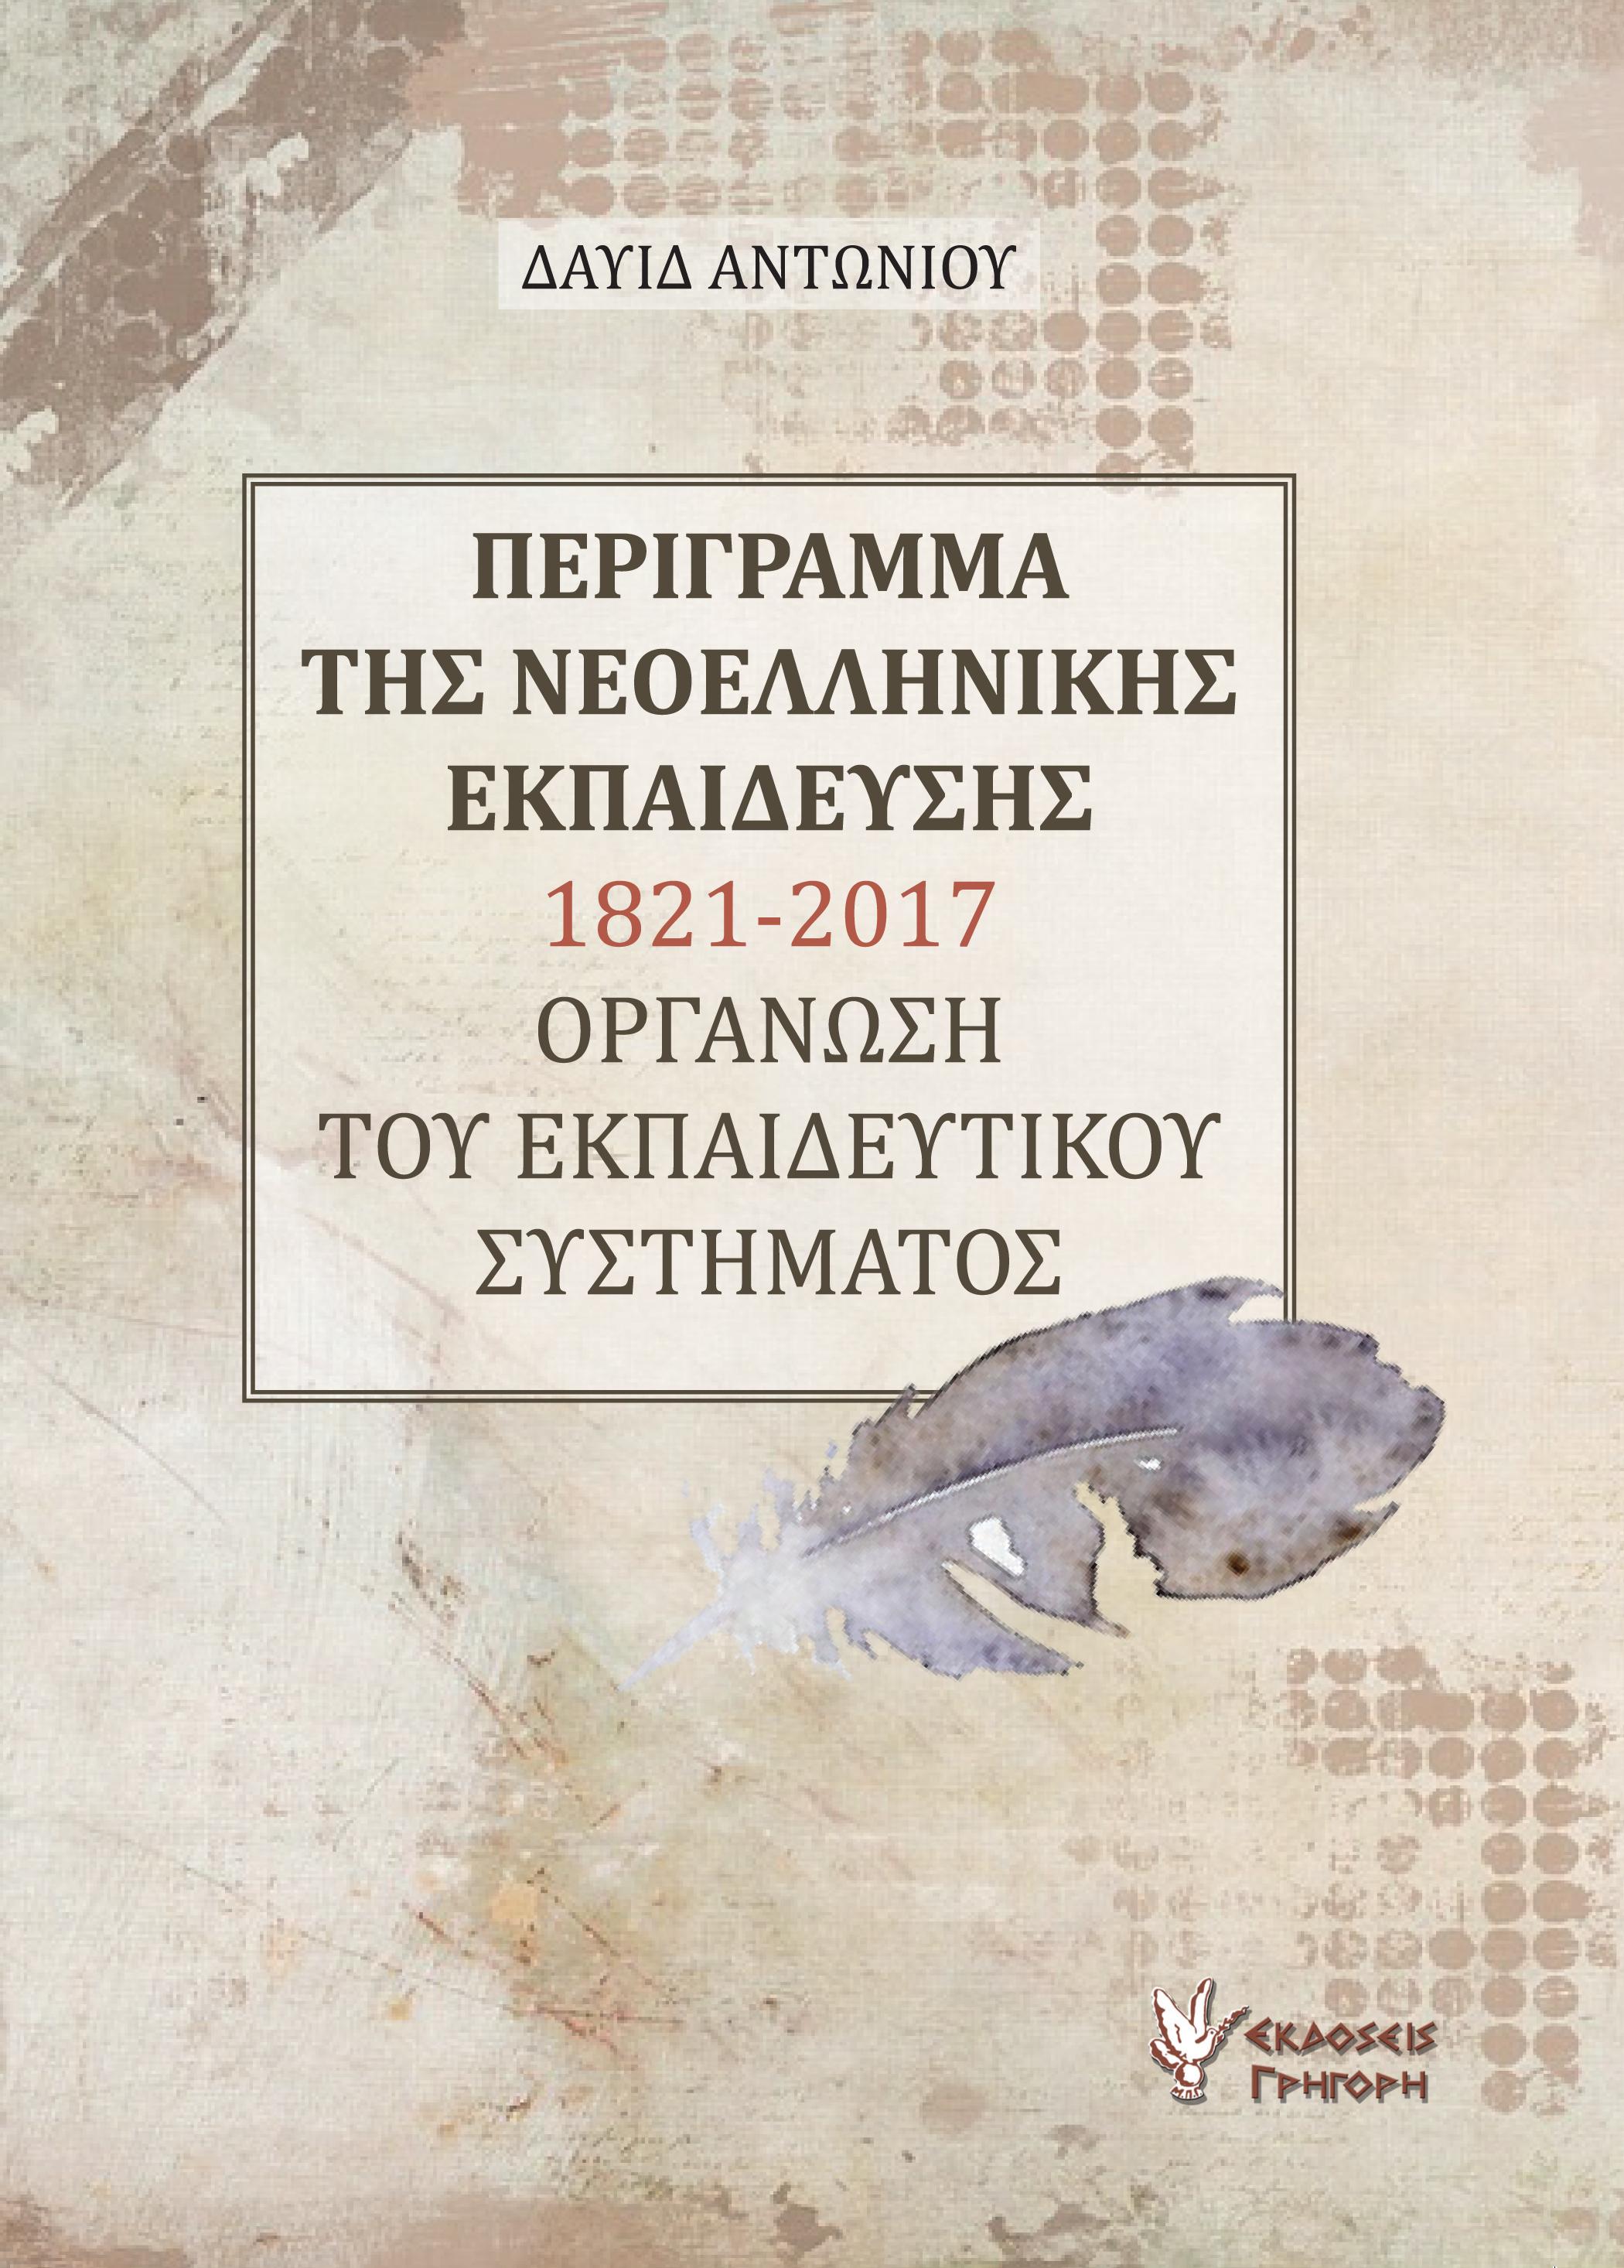 Περίγραμμα της νεοελληνικής εκπαίδευσης 1821-2017